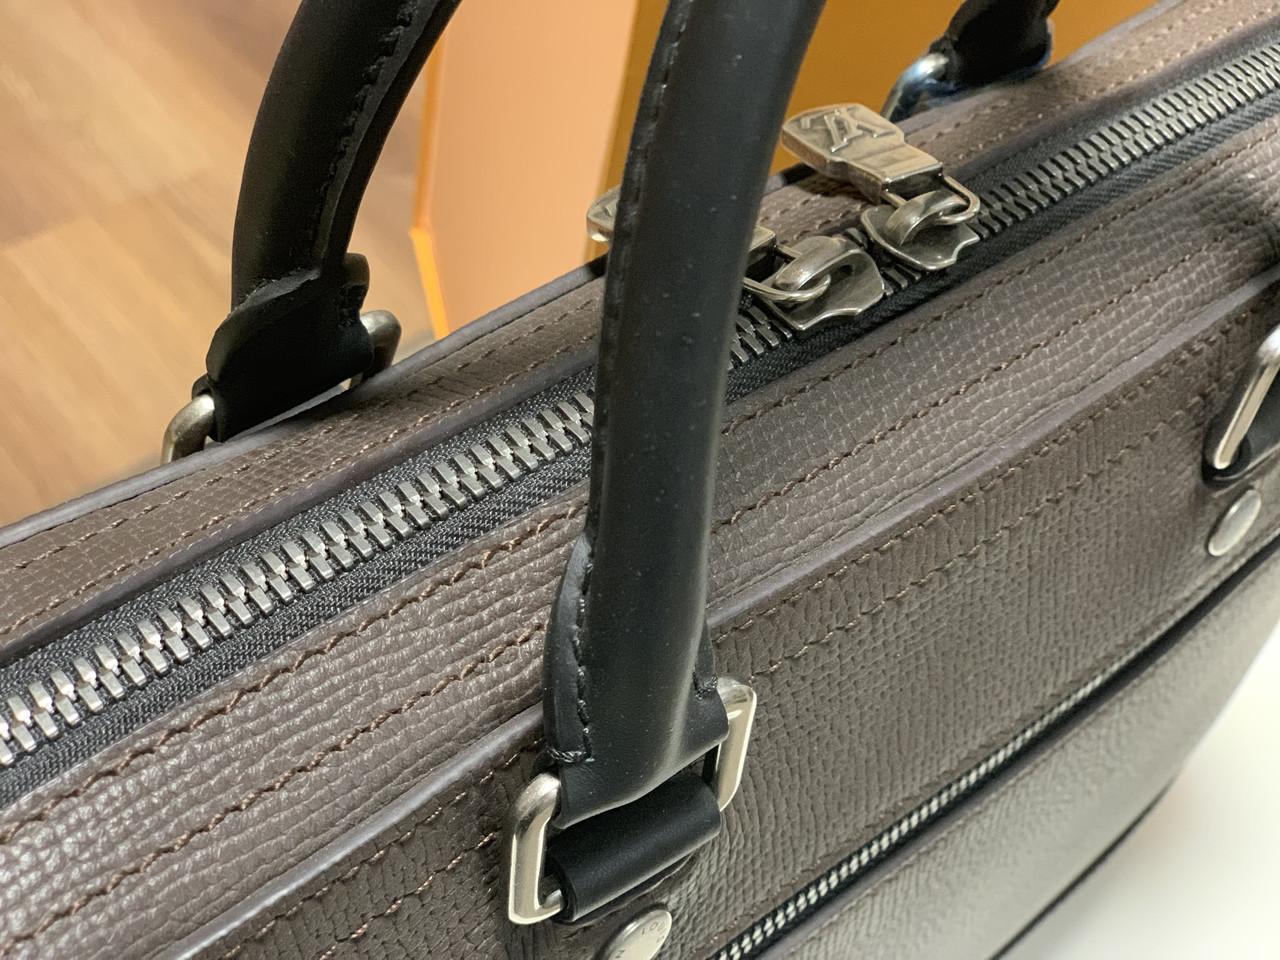 a6364c0cca3d Купить мужскую сумку - Louis Vuitton в Киев | vkstore.com.ua